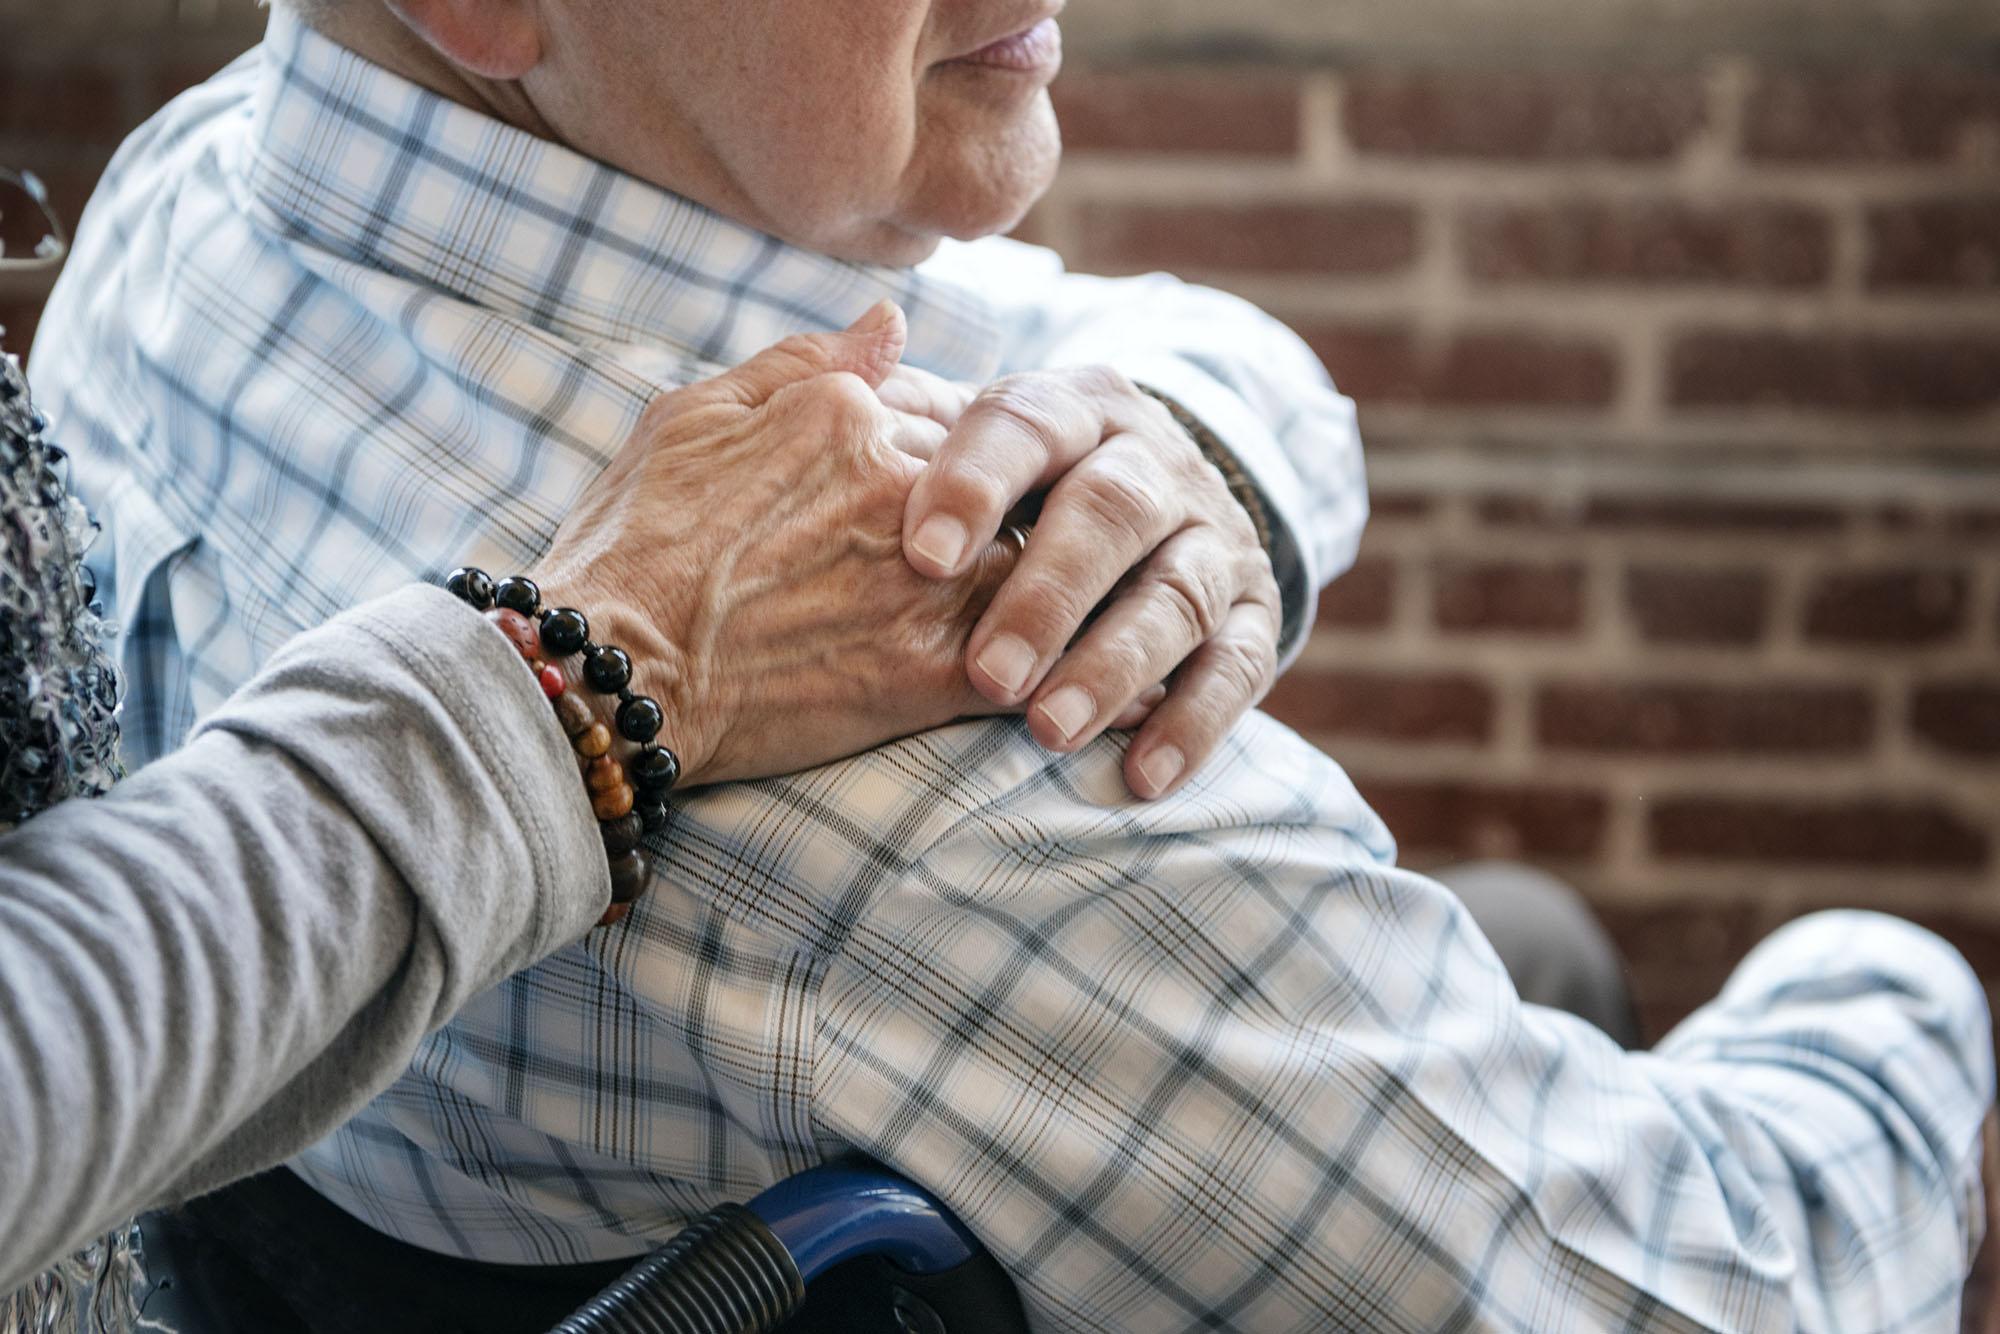 un vieux couple a besoin d'aide pour changer le traumatisme